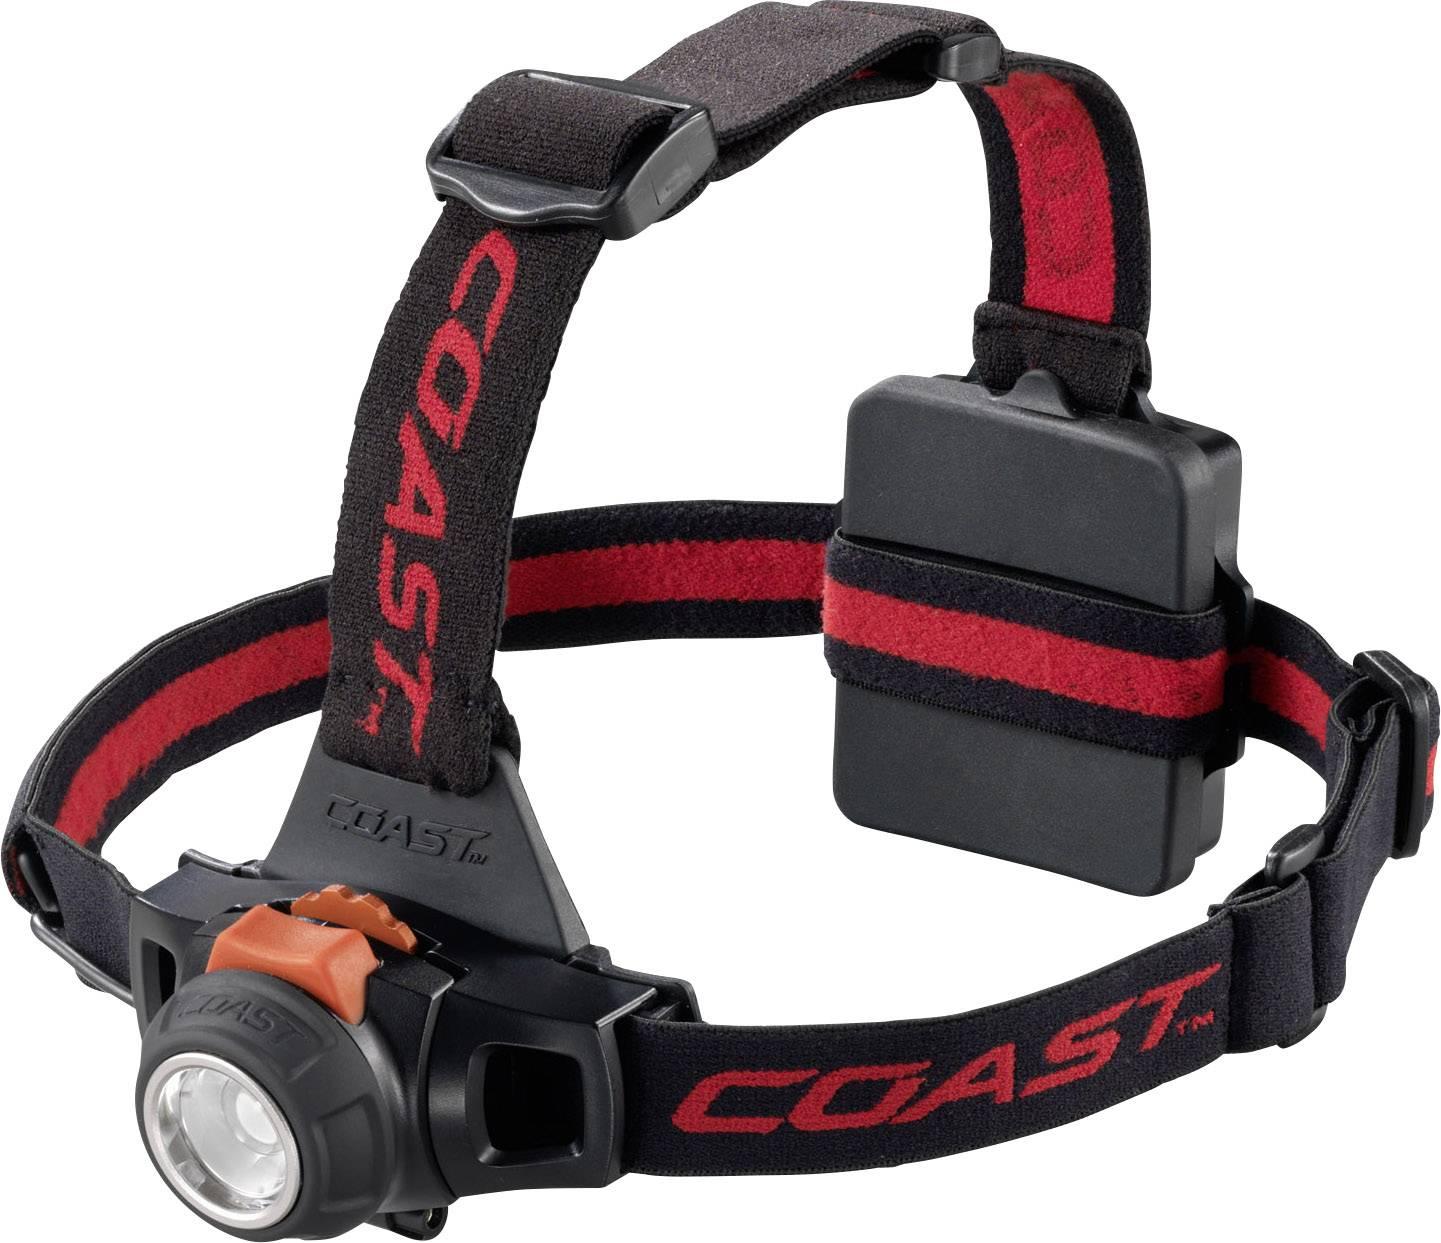 s170 G Coast Pile Lampe Frontale RougeNoir À Hl27 H Led 93 TJlFK1c3